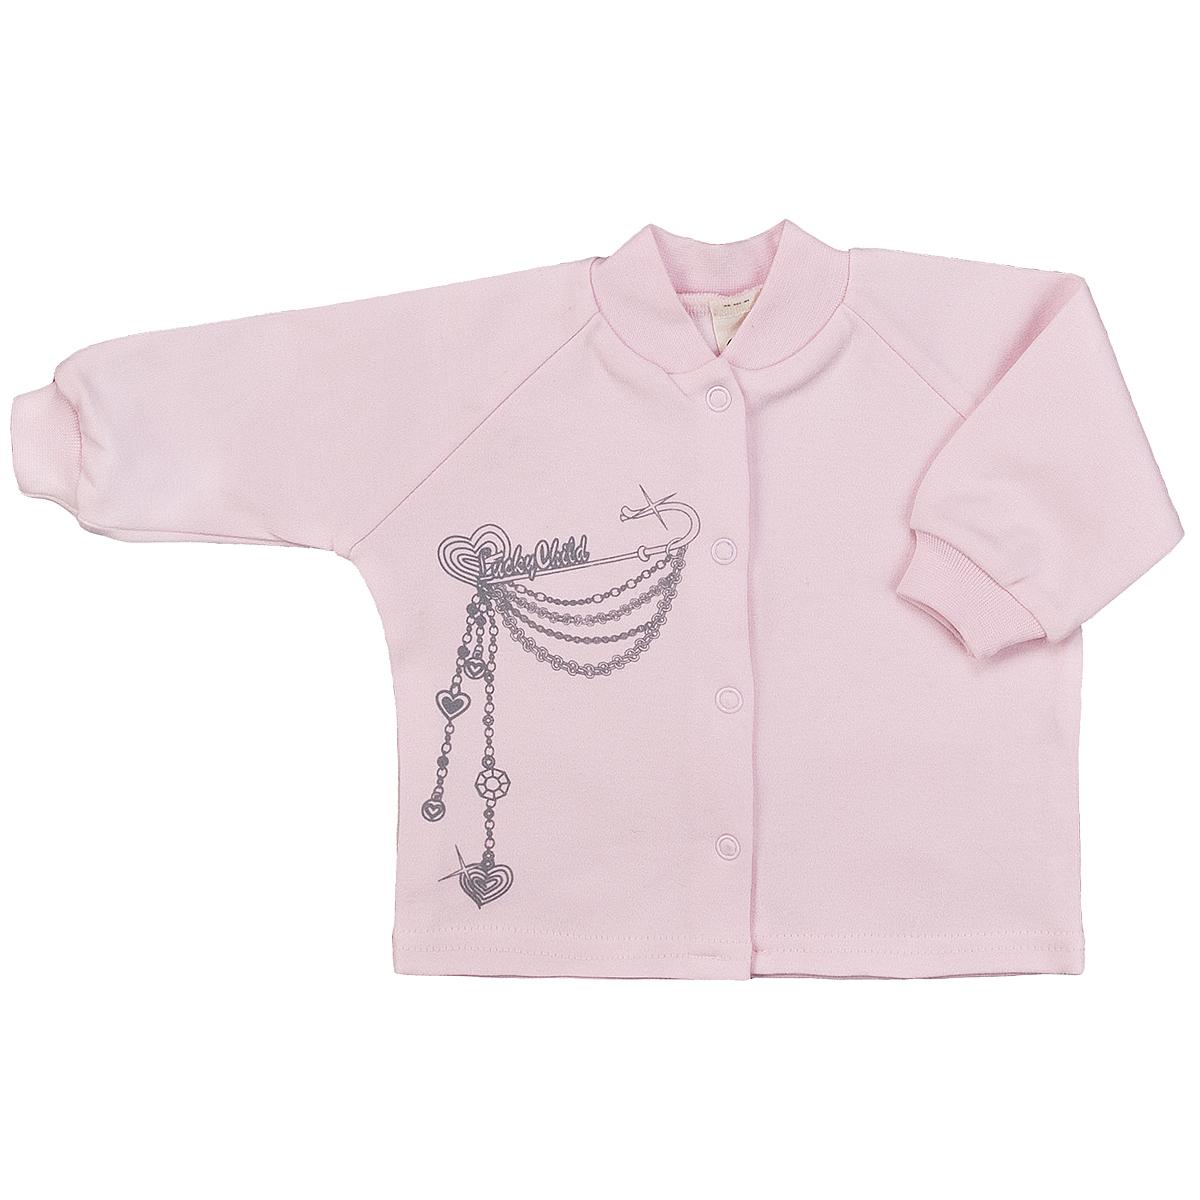 Кофточка для девочки Lucky Child, цвет: розовый. 2-12. Размер 74/802-12Кофточка для новорожденной девочки Lucky Child с длинными рукавами-реглан послужит идеальным дополнением к гардеробу вашей малышки, обеспечивая ей наибольший комфорт. Изготовленная из интерлока - натурального хлопка, она необычайно мягкая и легкая, не раздражает нежную кожу ребенка и хорошо вентилируется, а эластичные швы приятны телу малышки и не препятствуют ее движениям. Удобные застежки-кнопки по всей длине помогают легко переодеть младенца. Рукава понизу дополнены широкими трикотажными манжетами, не стягивающими запястья.Спереди модель оформлена оригинальным принтом, имитирующим цепочки с украшениями. Кофточка полностью соответствует особенностям жизни ребенка в ранний период, не стесняя и не ограничивая его в движениях. В ней ваша малышка всегда будет в центре внимания.